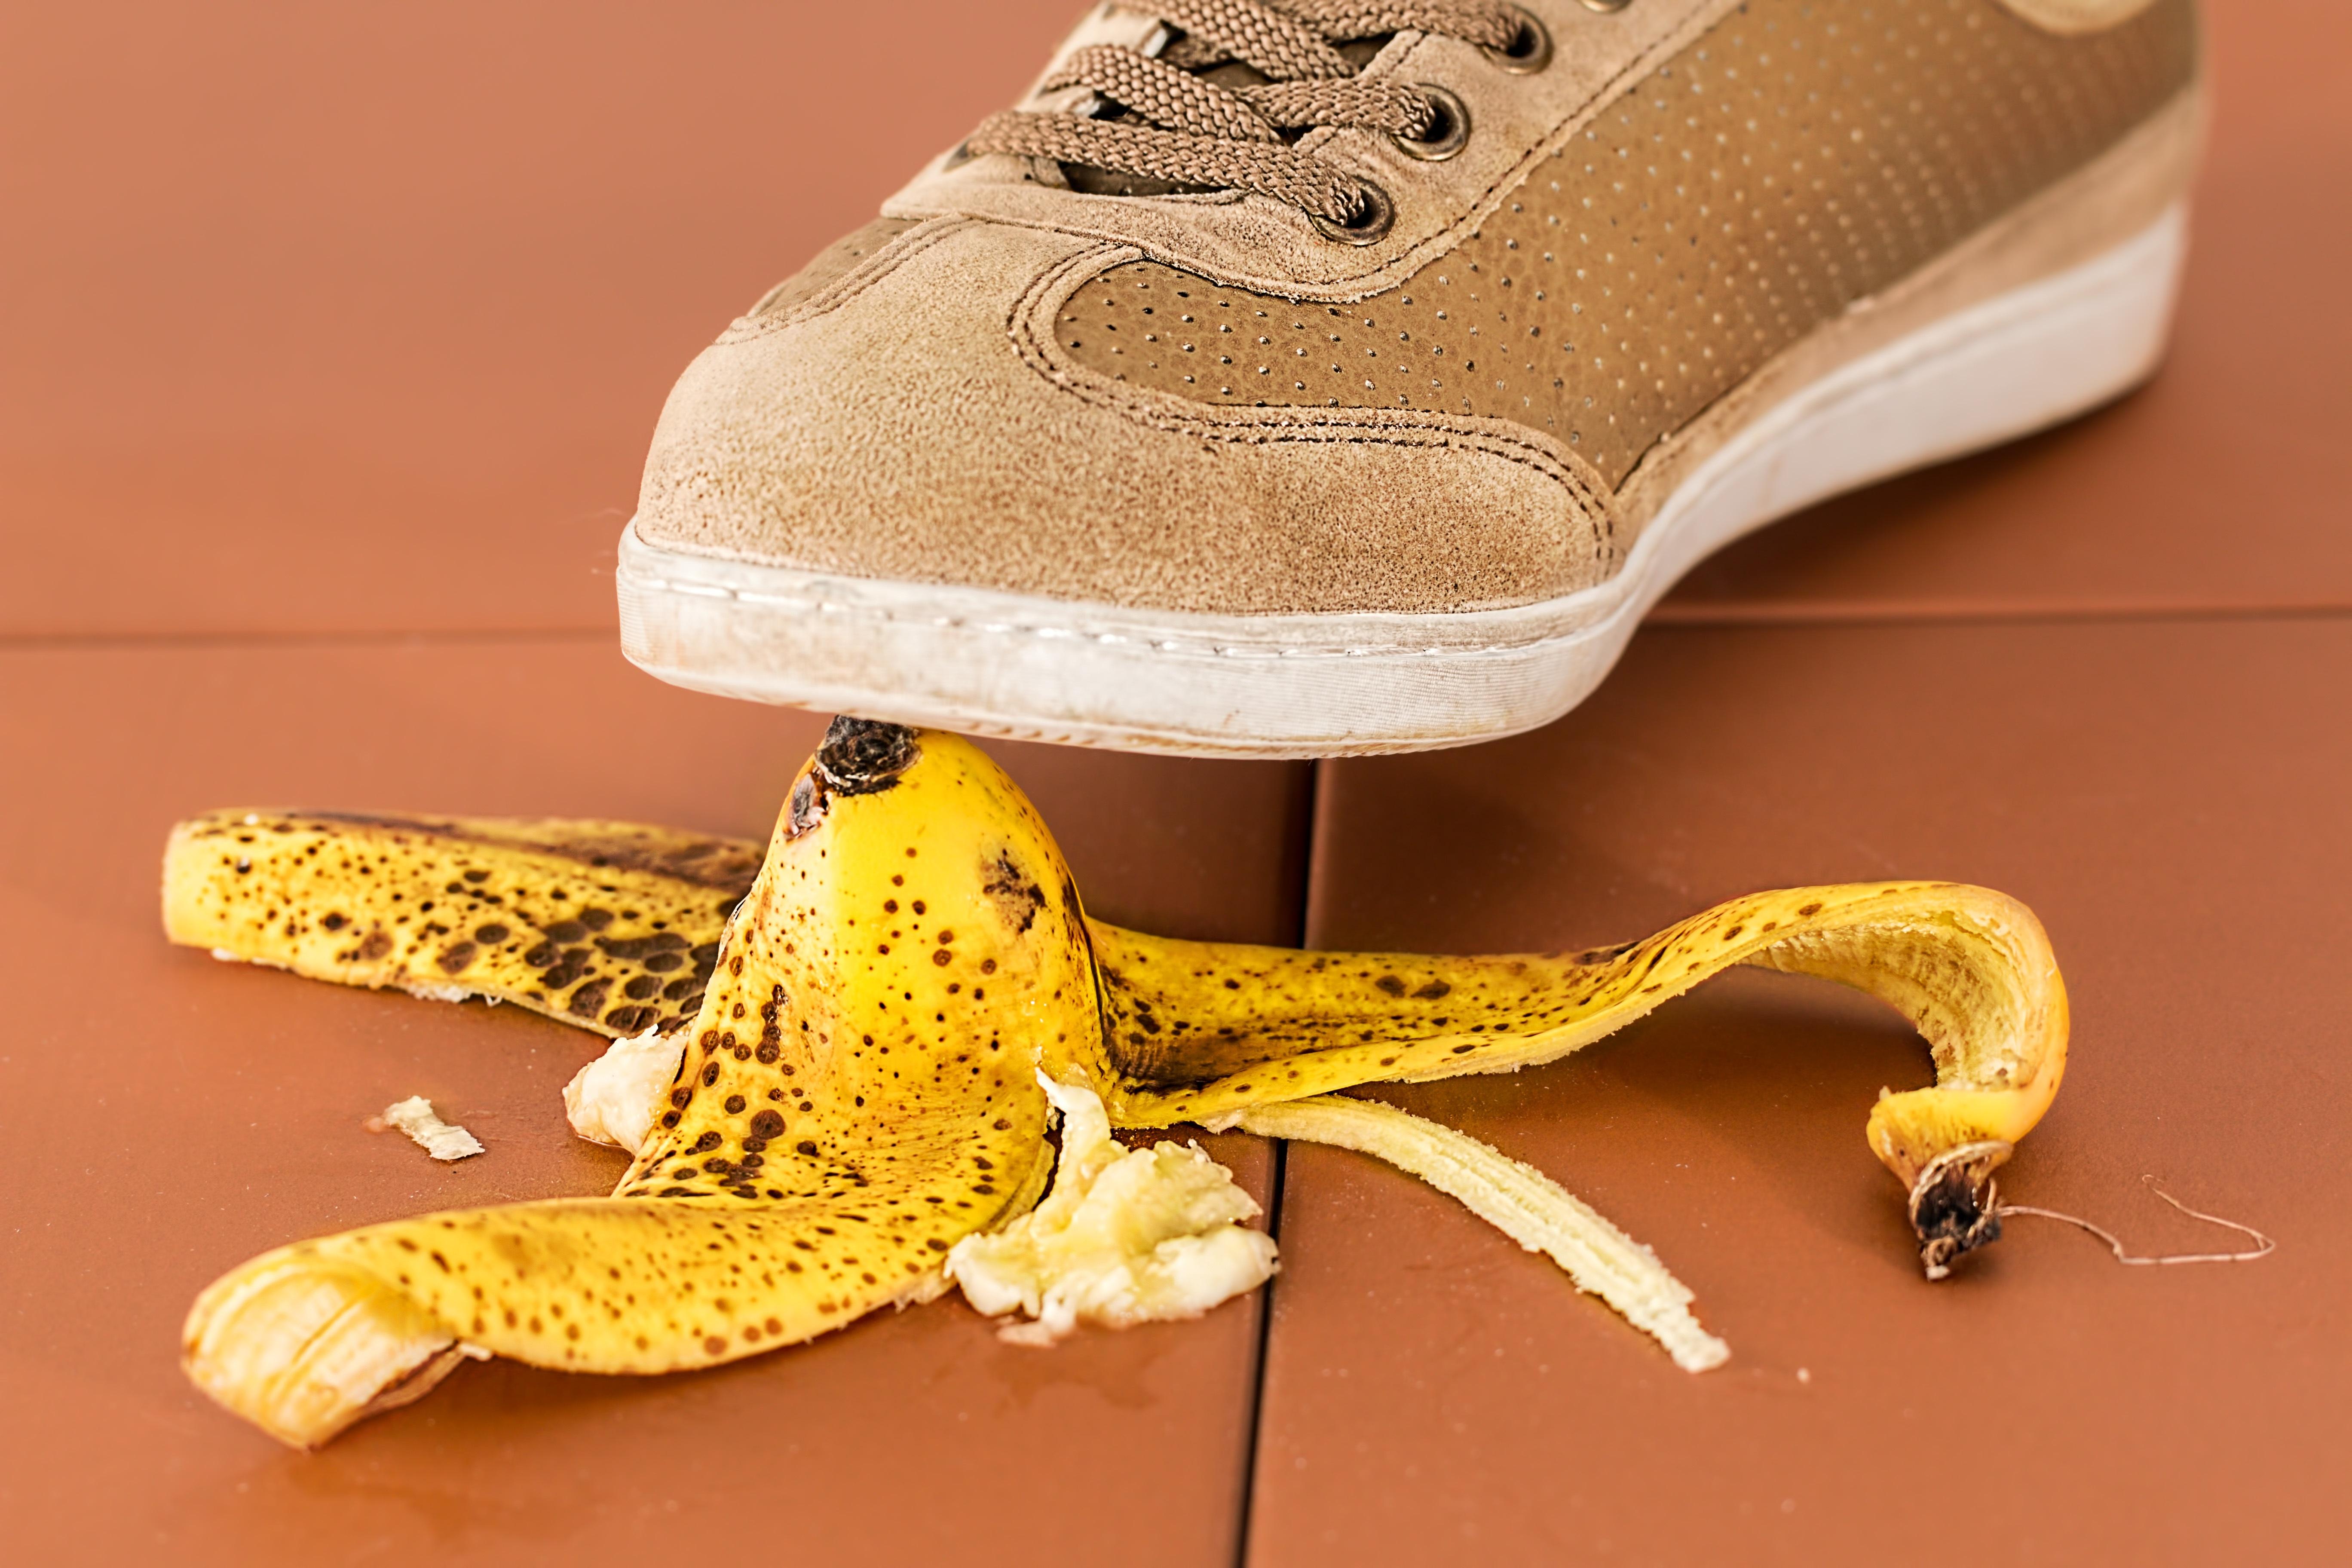 Glider en en bananskræl